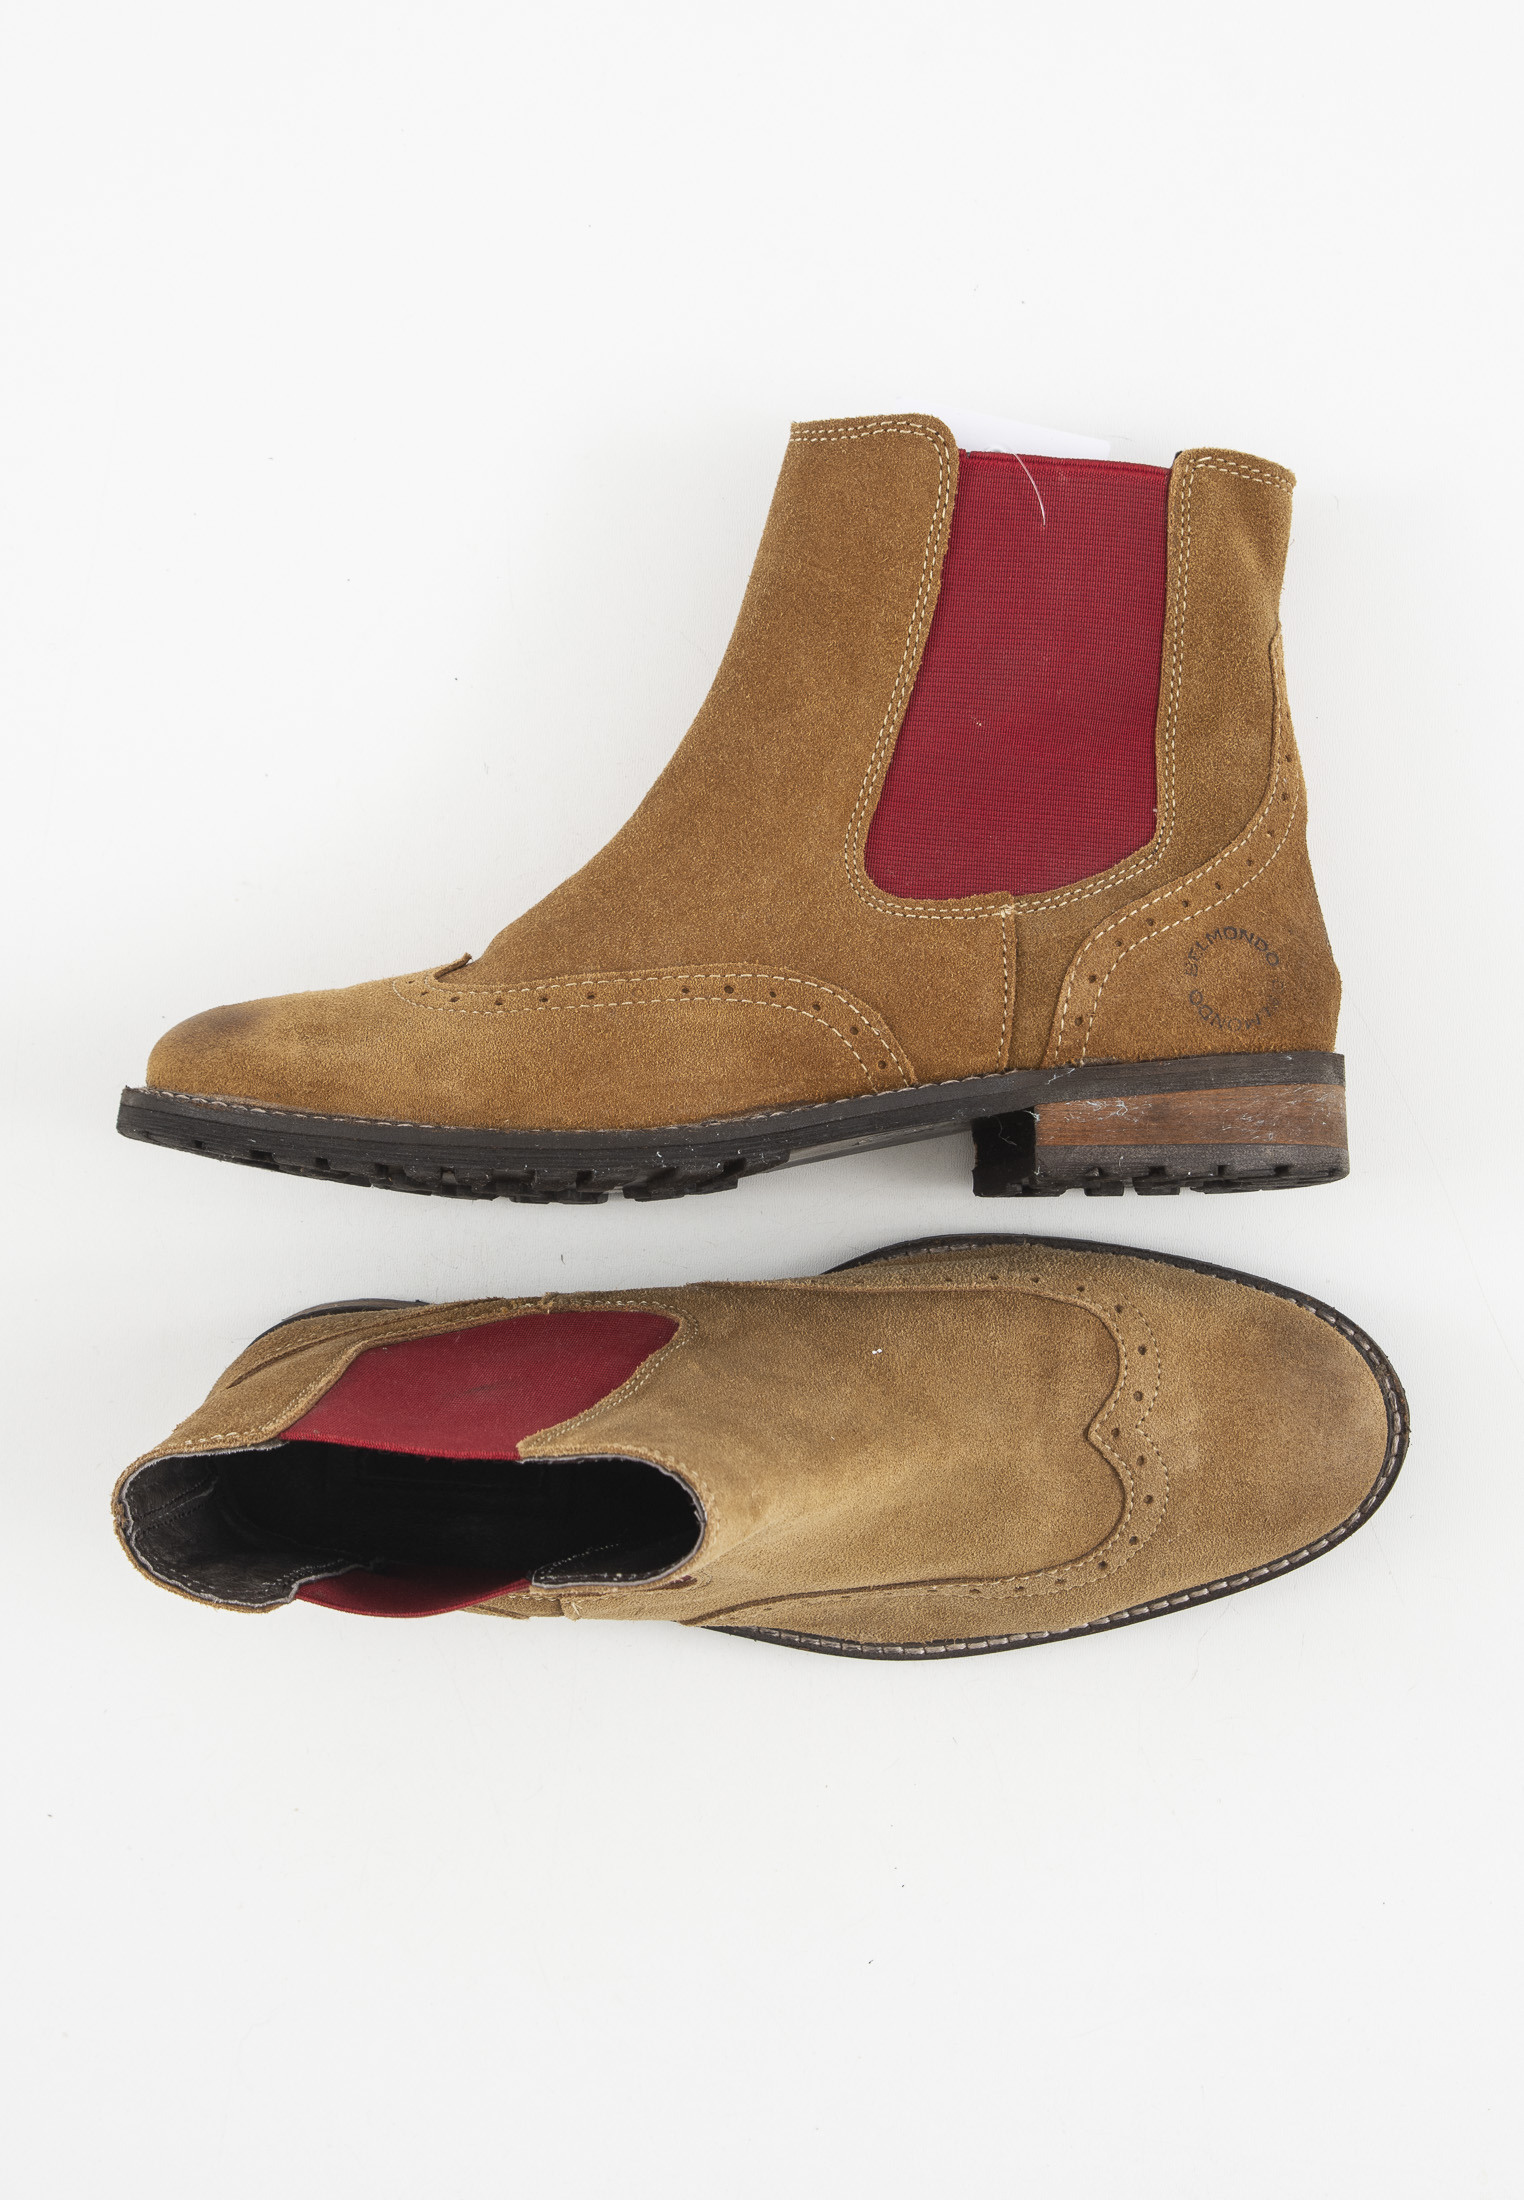 Belmondo Stiefel / Stiefelette / Boots Braun Gr.39